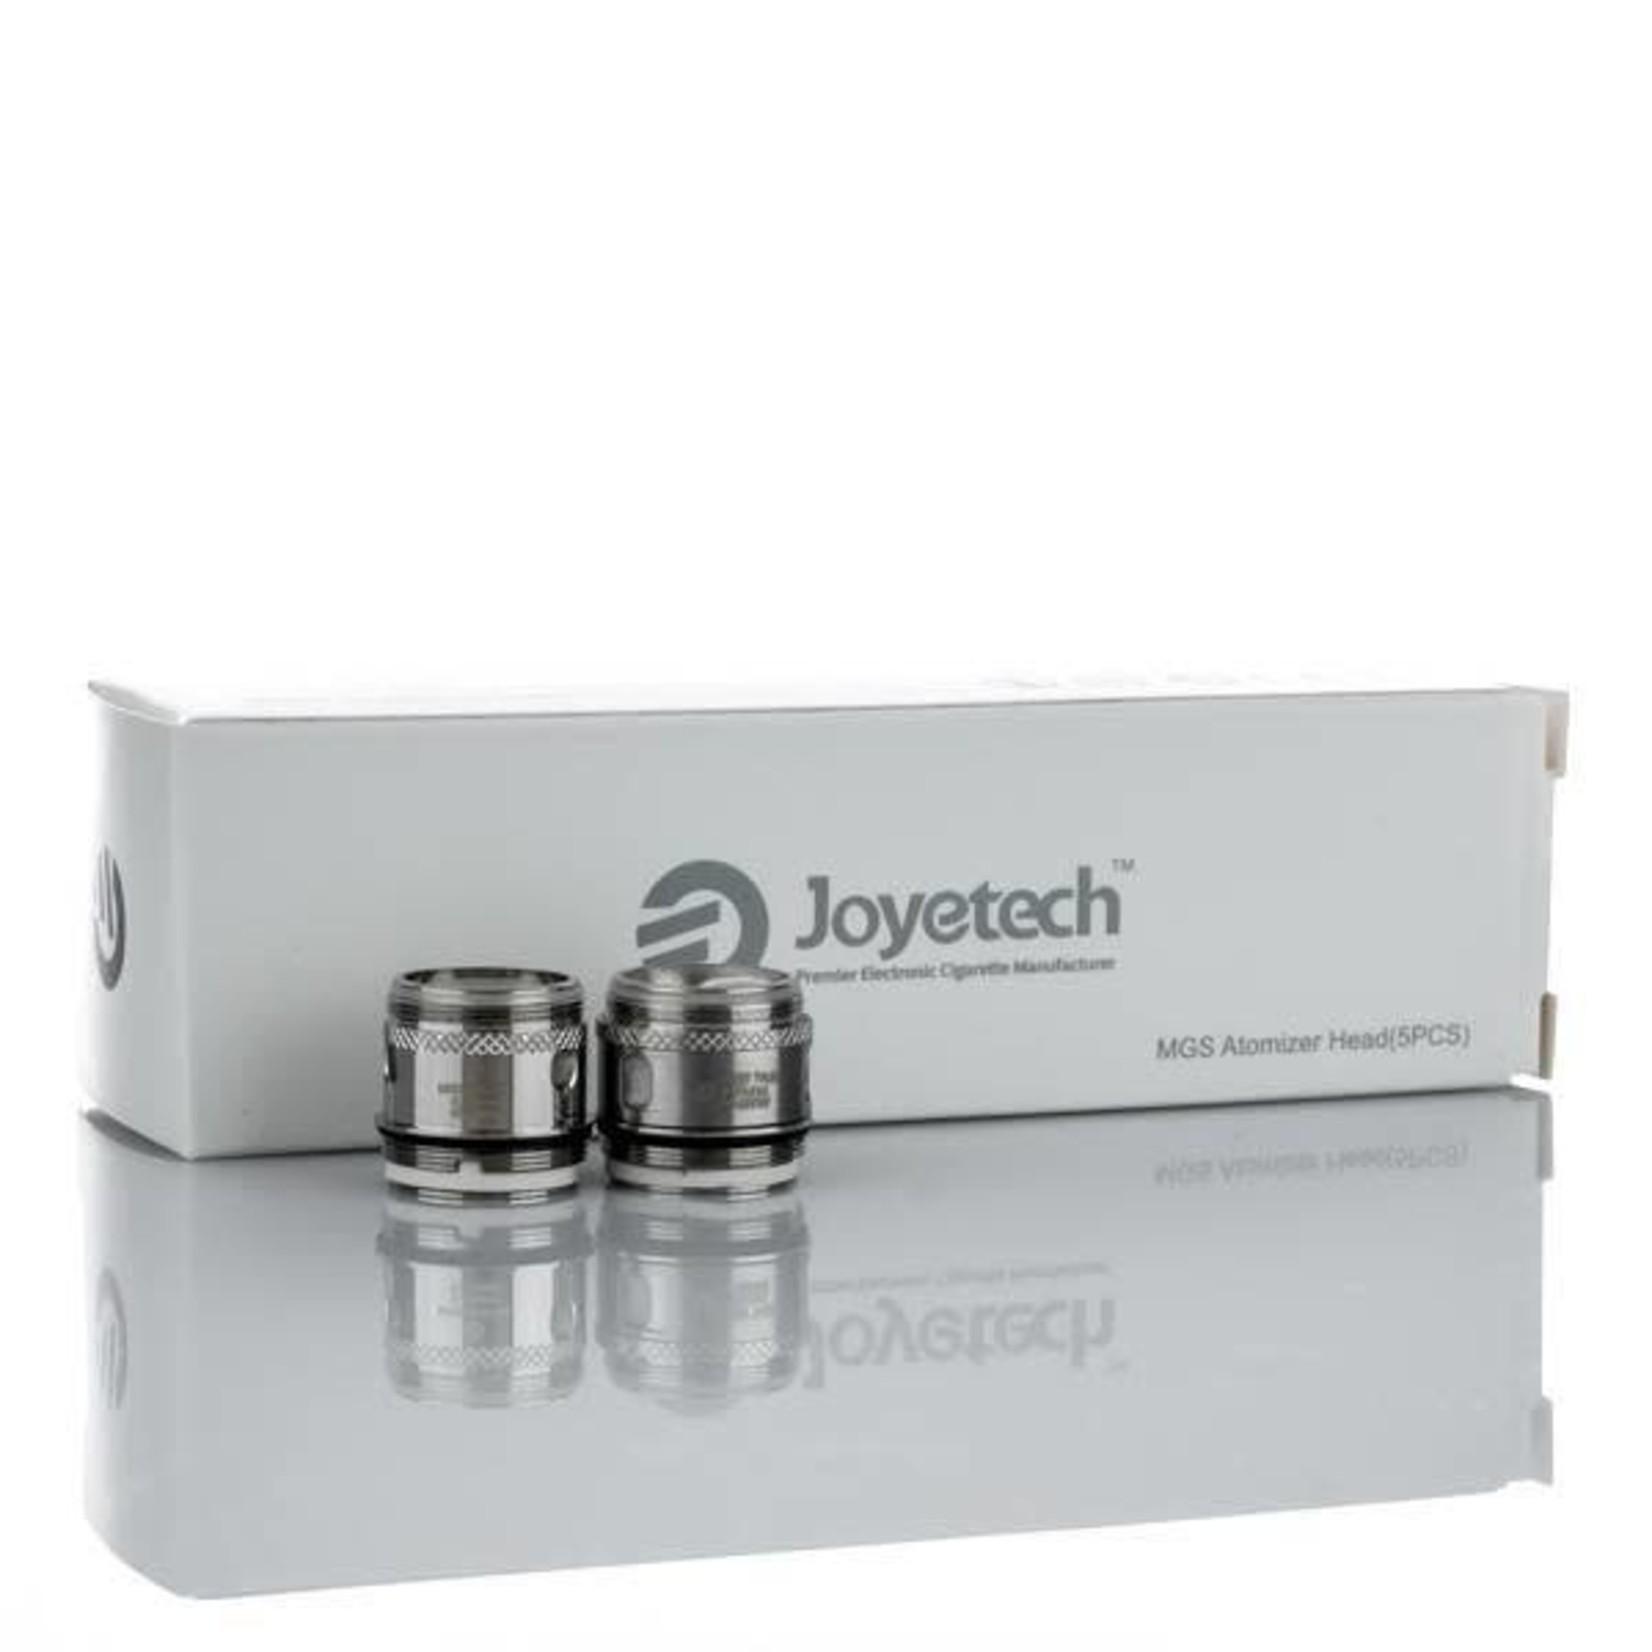 joyetech Ornate Coils MGS Triple 0.15 0hm Pack ( 5pcs )